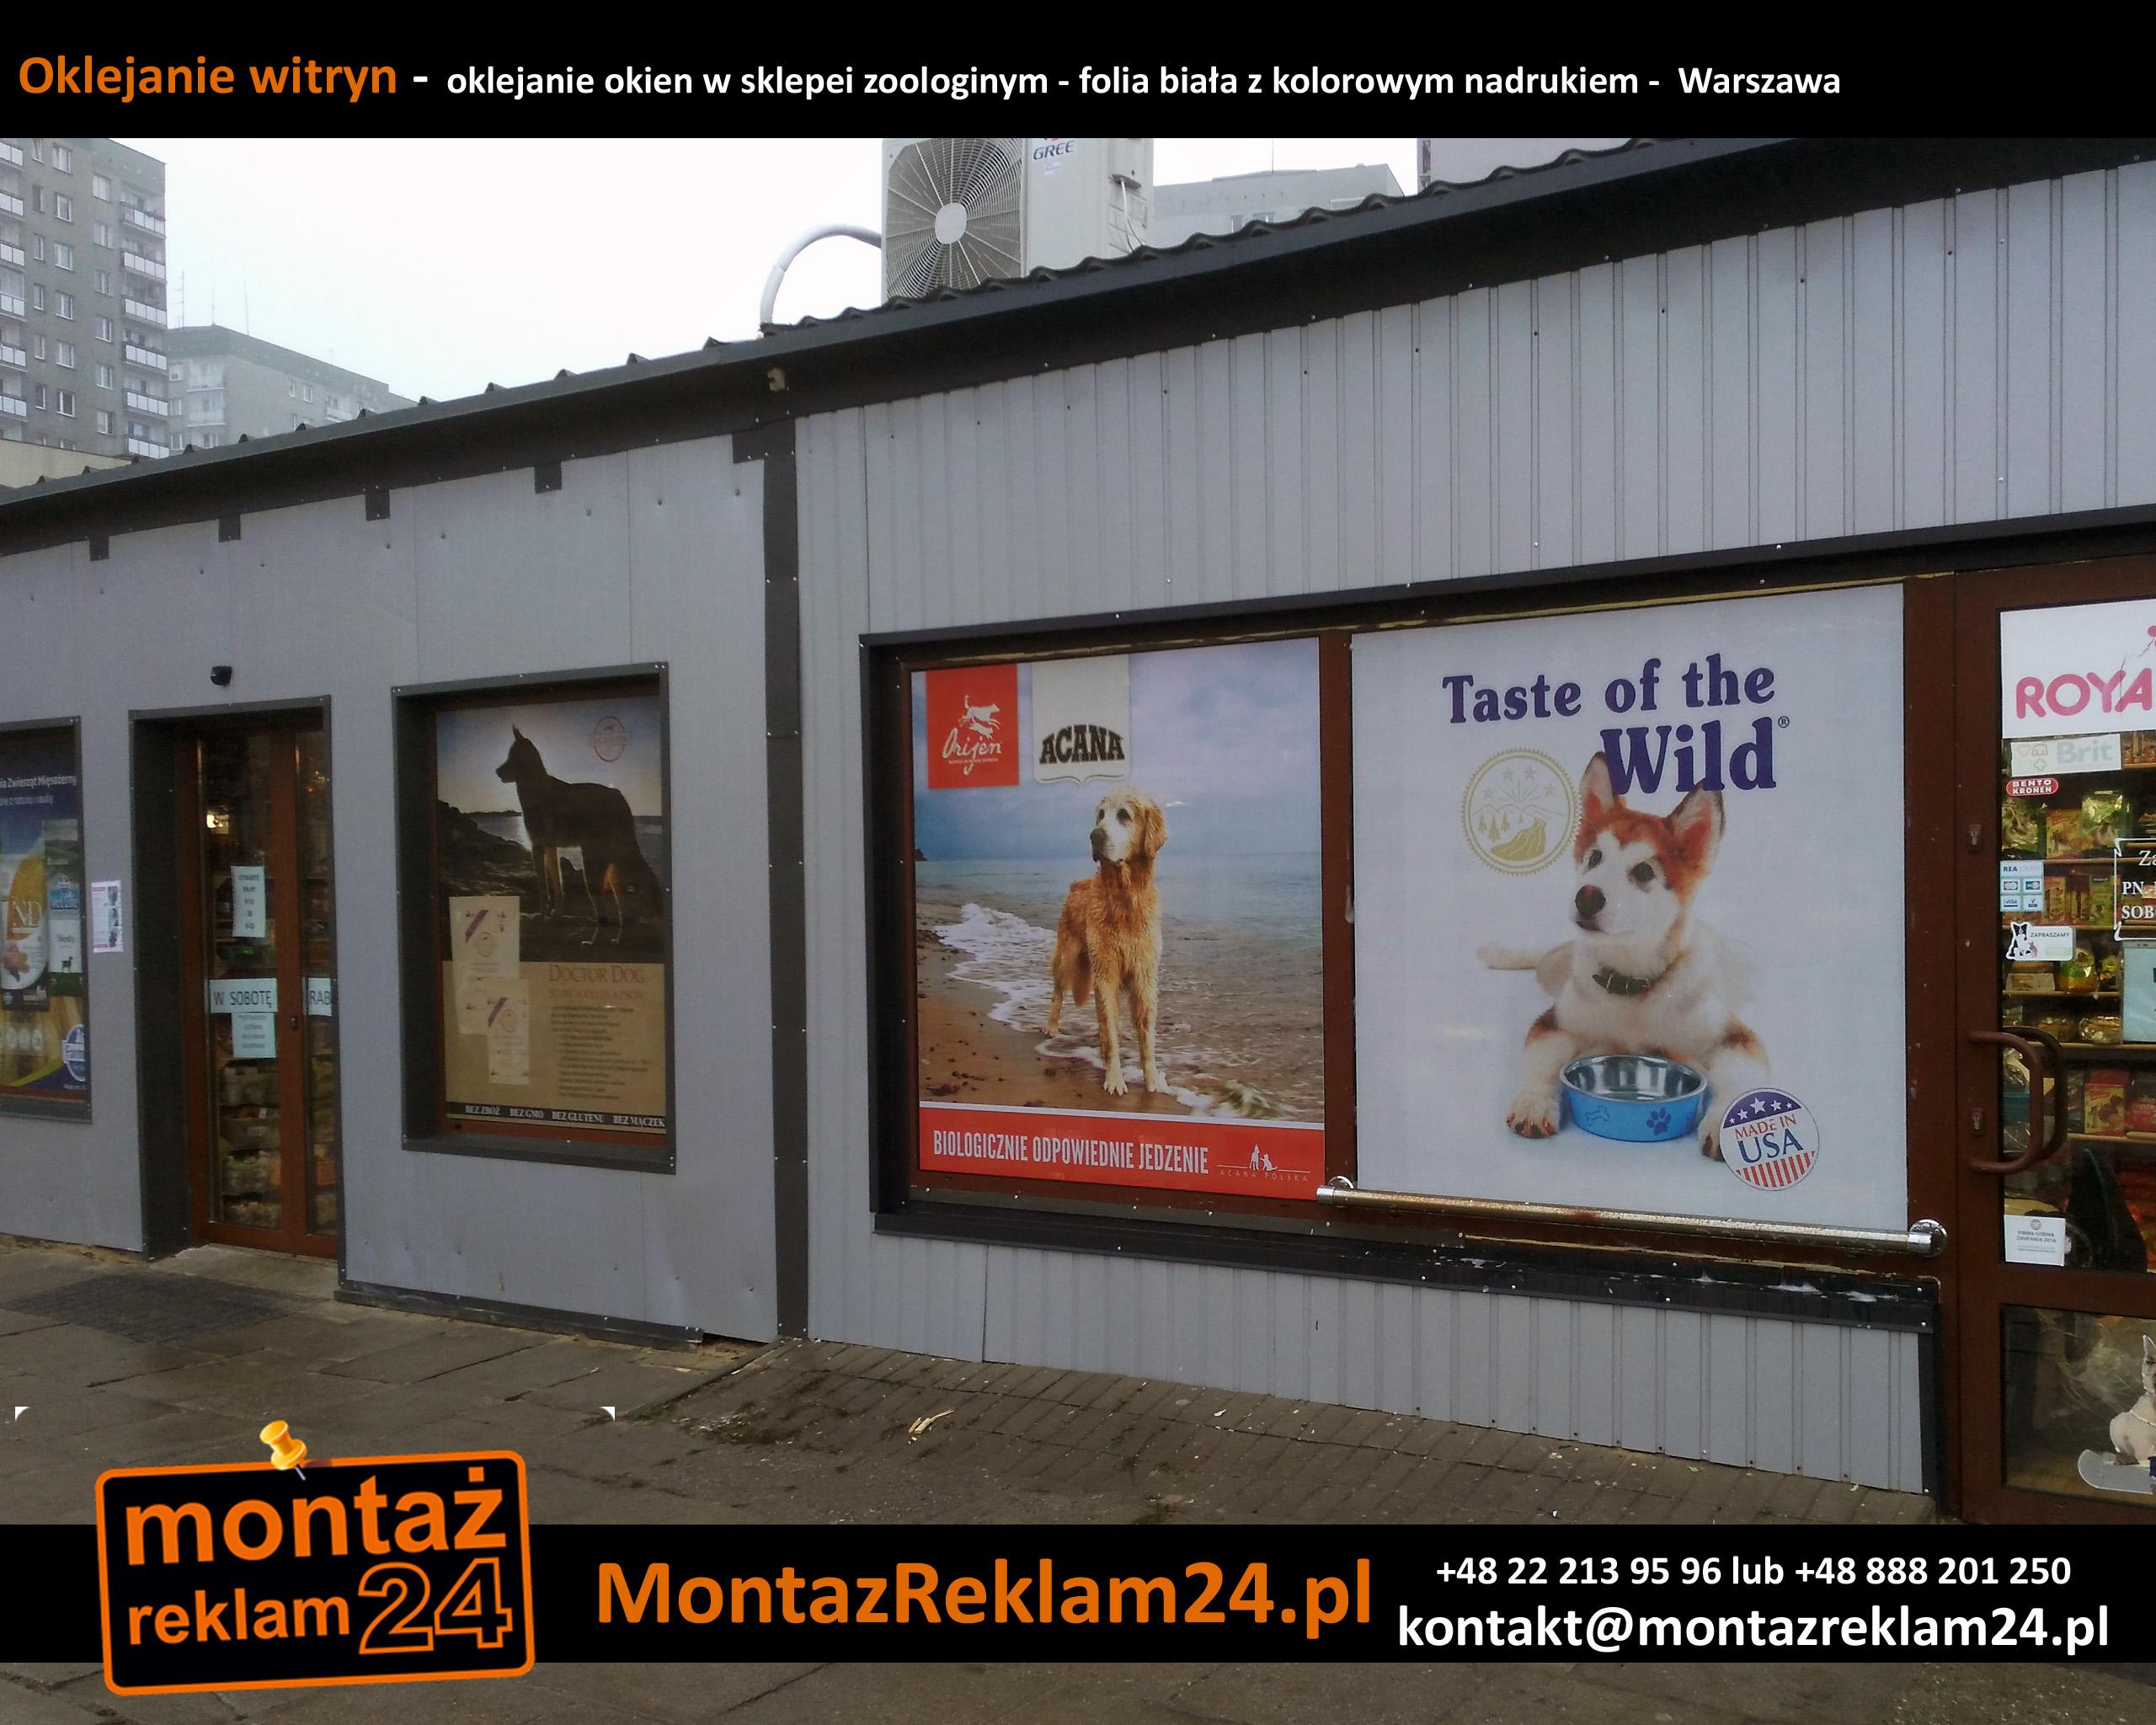 Oklejanie witryn -  oklejanie okien w sklepei zoologinym - folia biała z kolorowym nadrukiem -  Warszawa.jpg